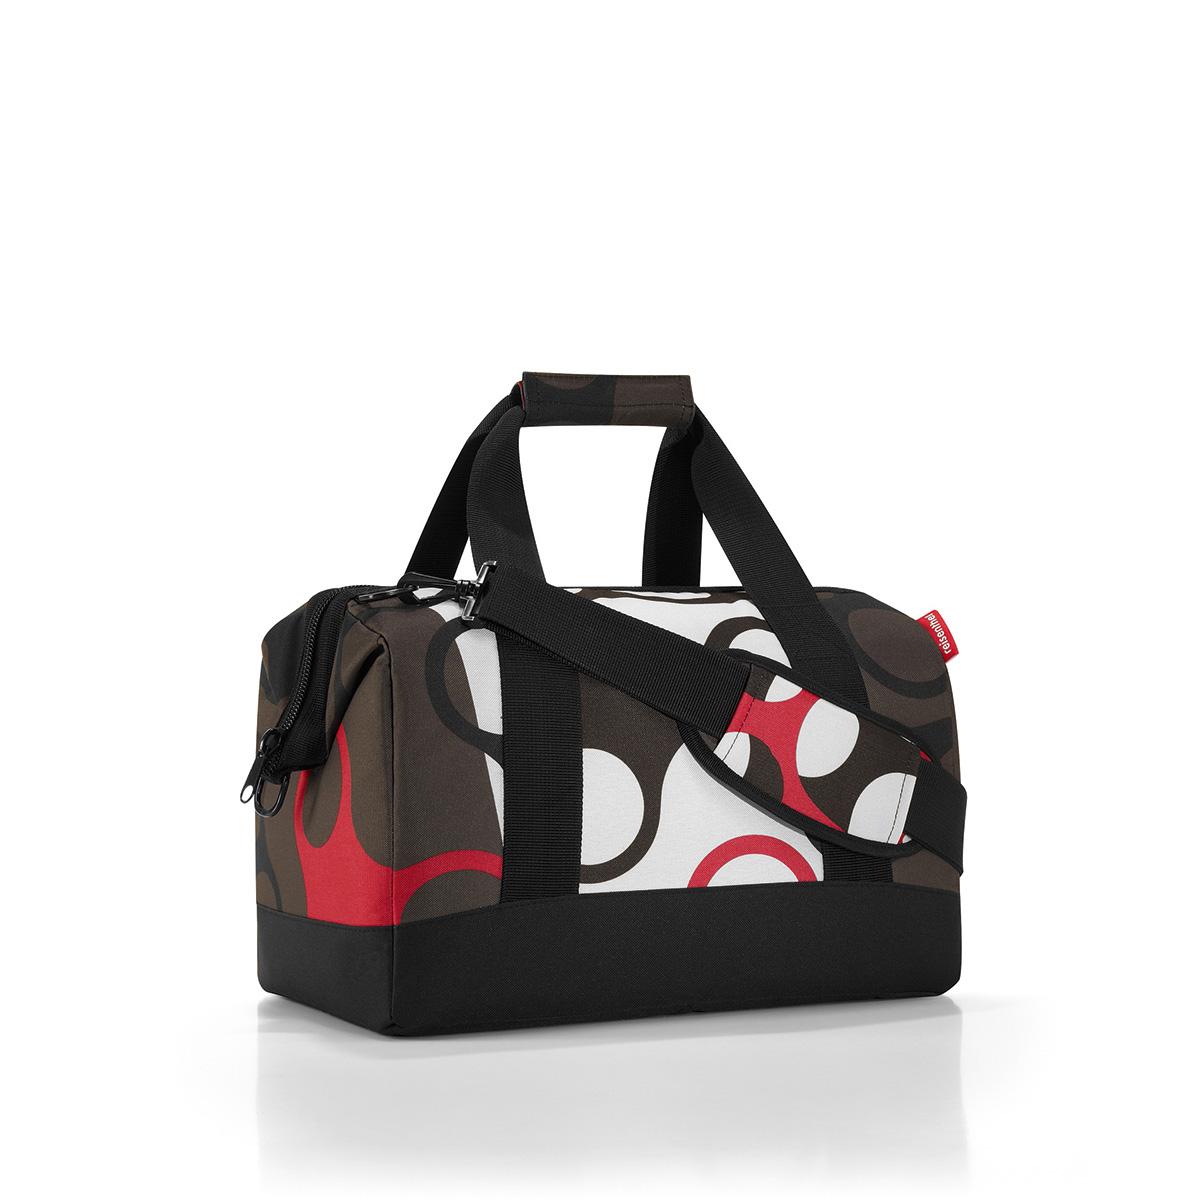 Сумка дорожная женская Reisenthel Allrounder, цвет: черный. MS7025 дорожная сумка купить в интернет магазине